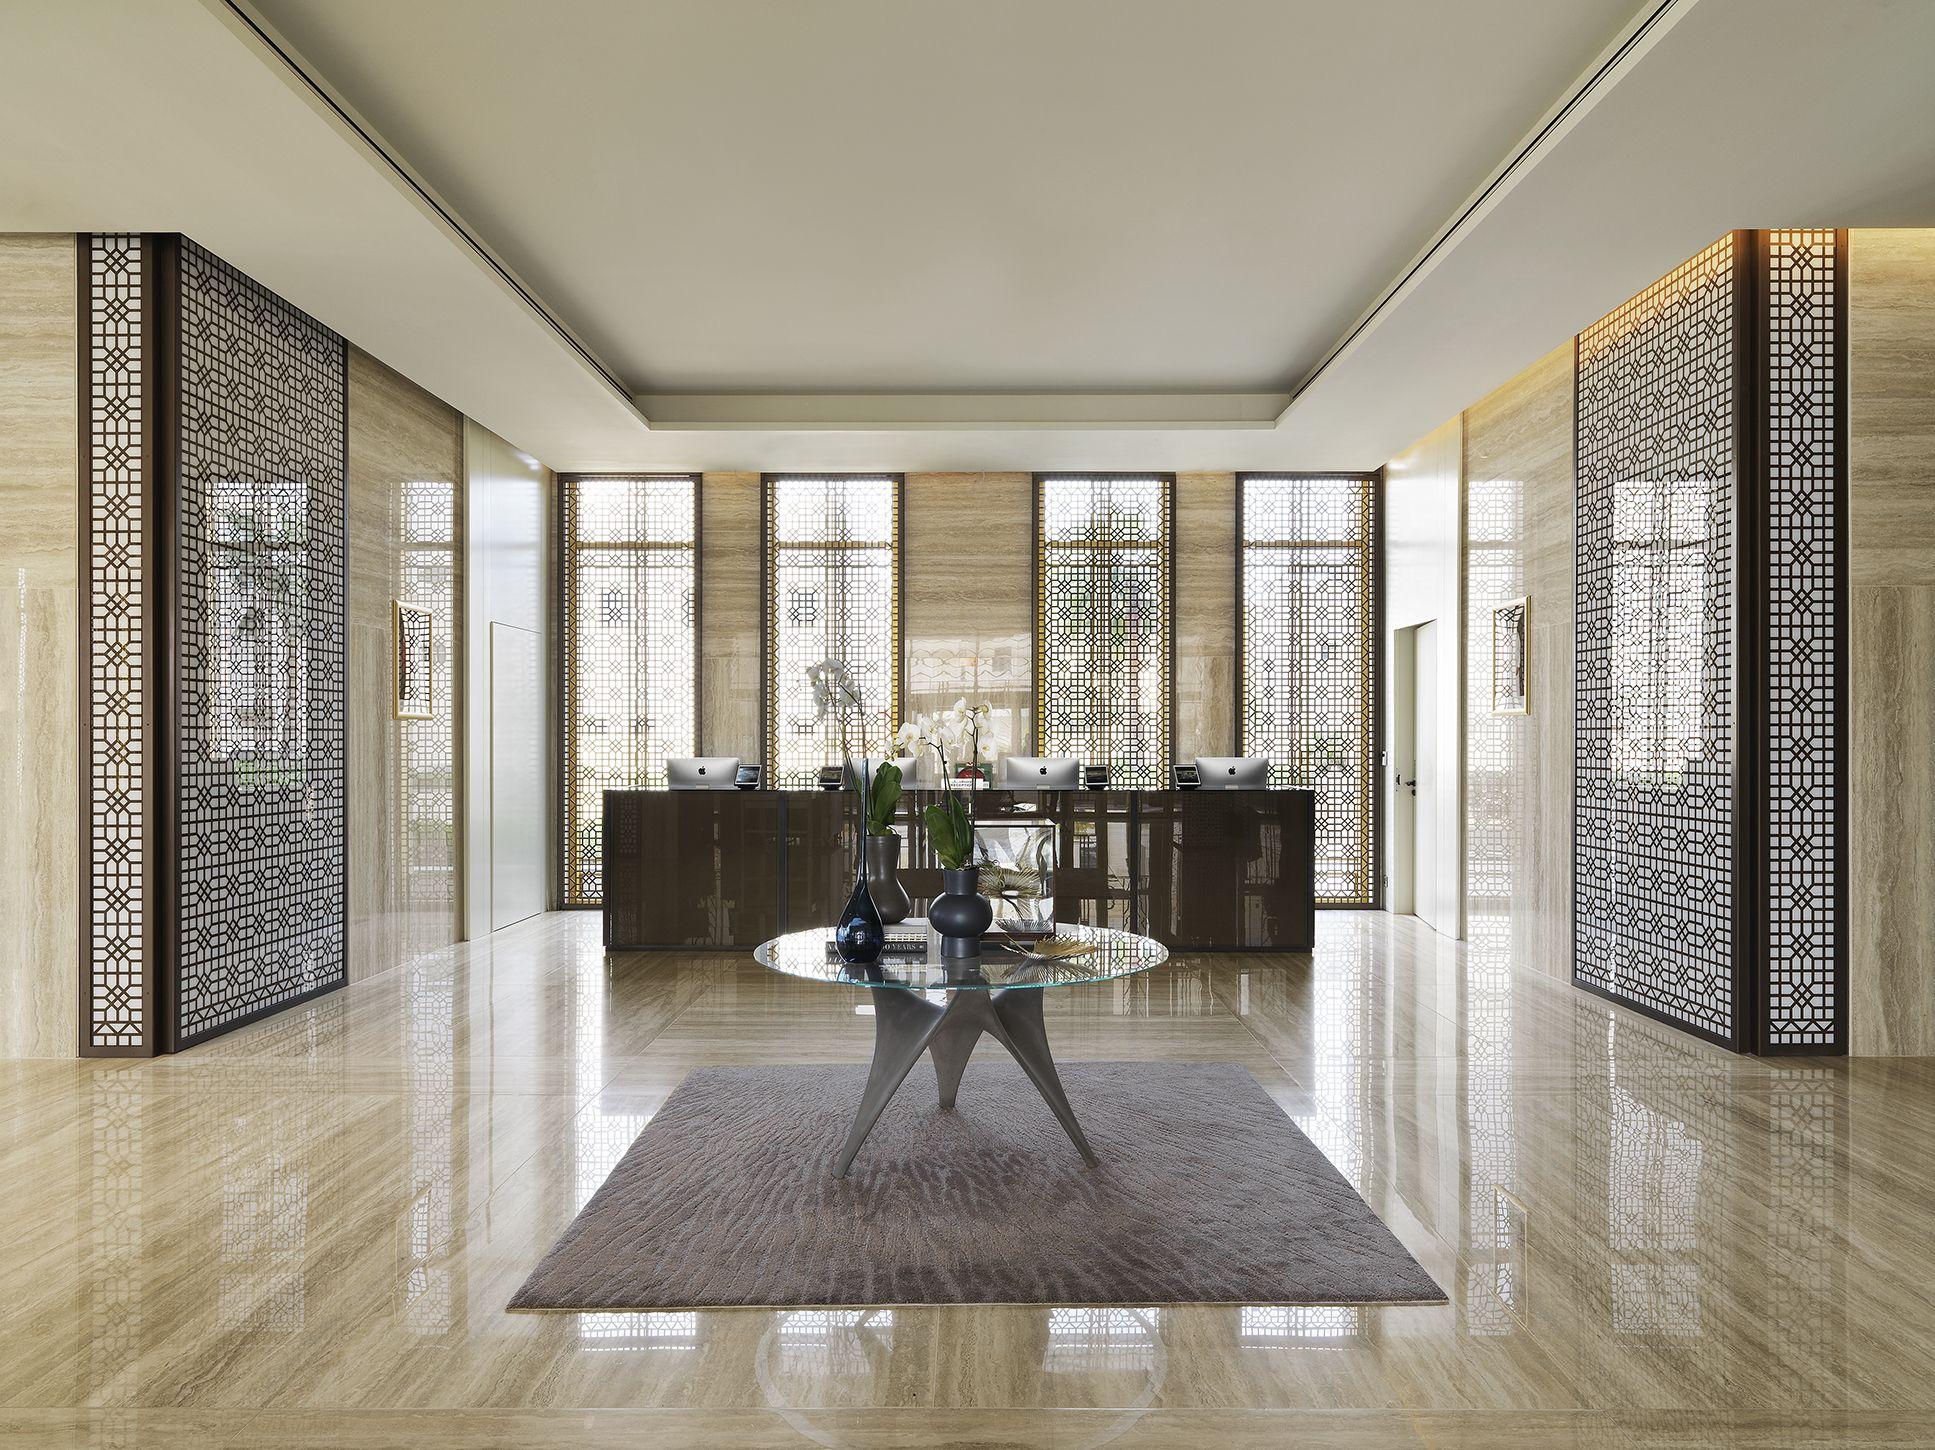 best elevator interior design by Matteo Nunziati five star hotel